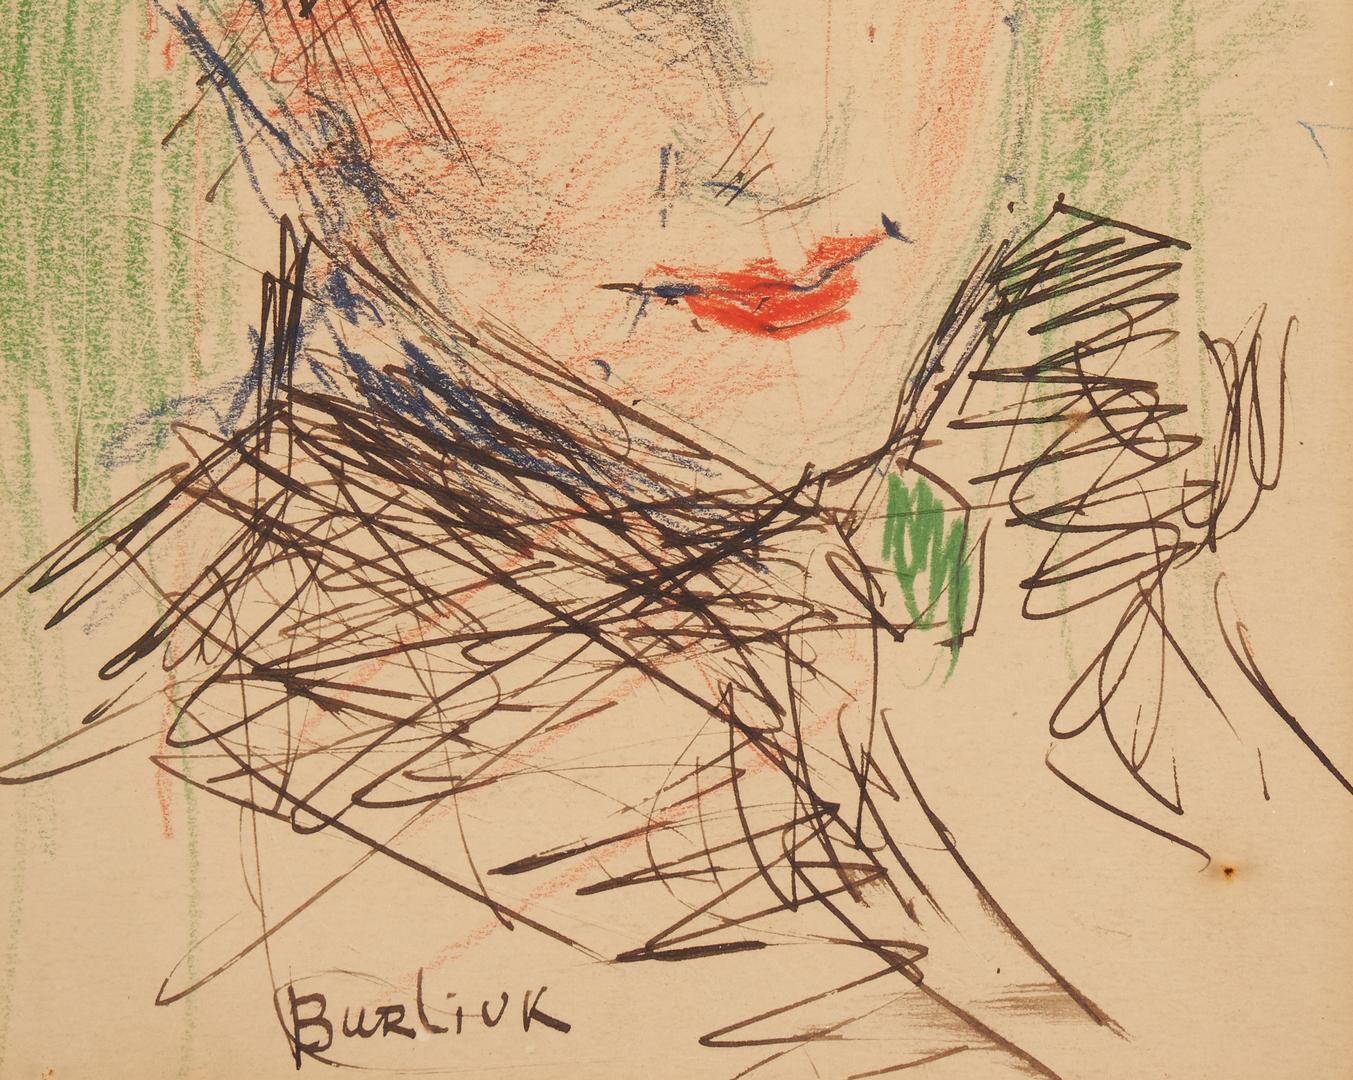 Lot 370: David Burliuk Drawing, Portrait of a Lady